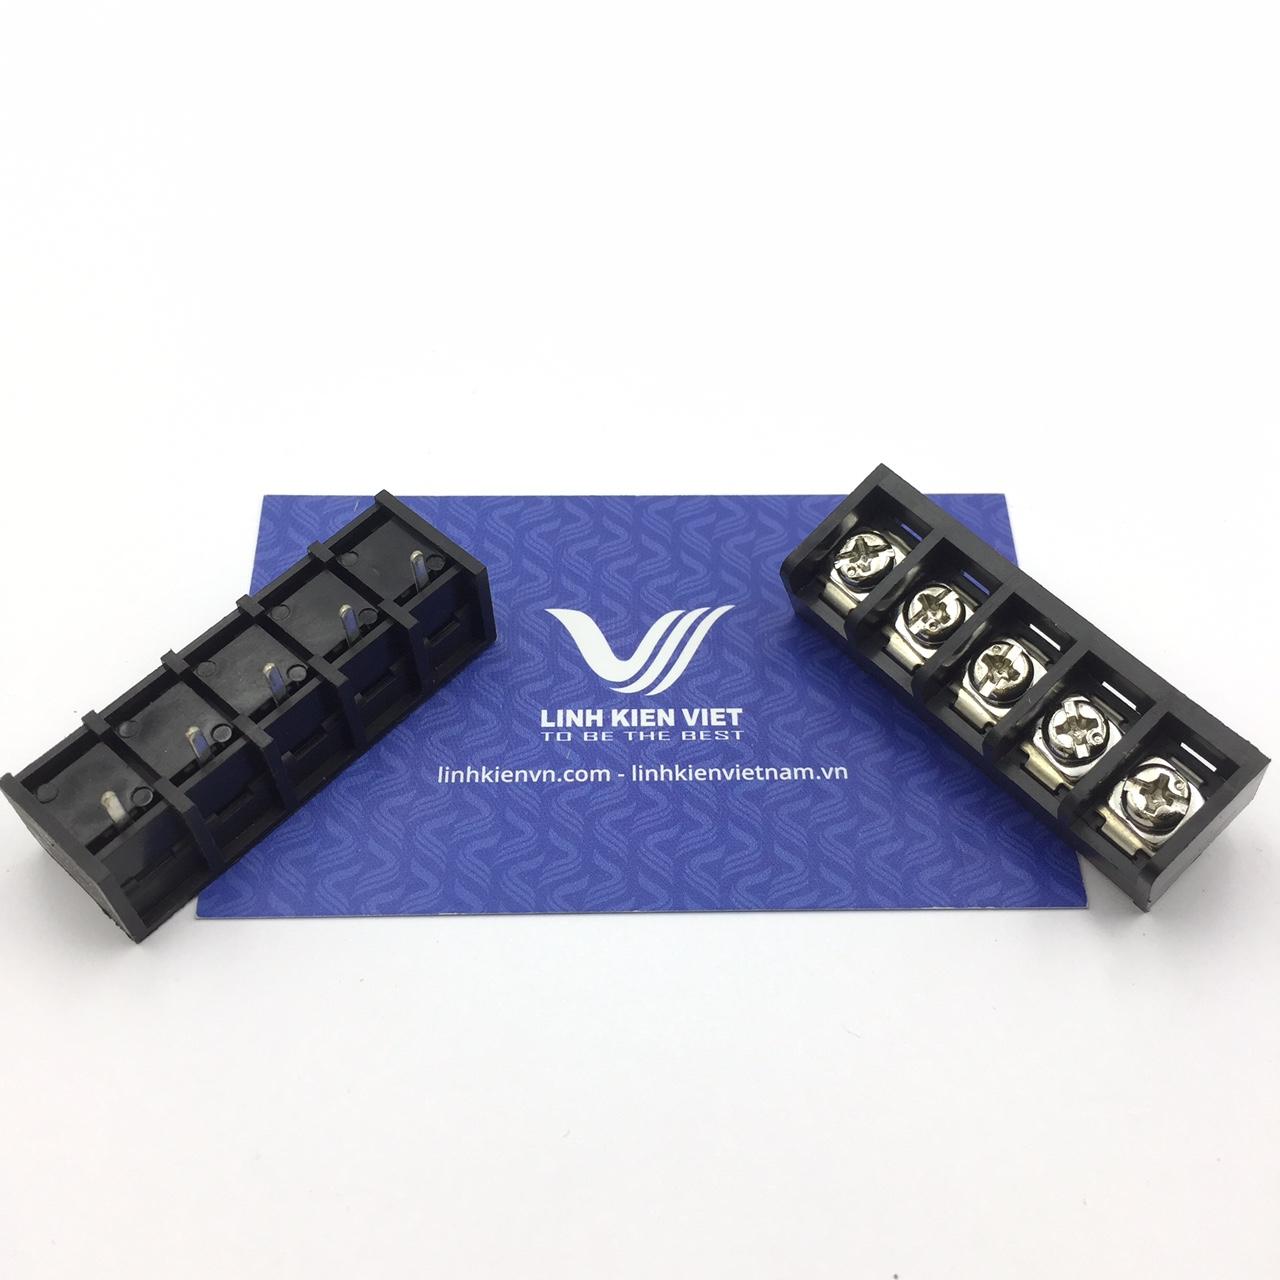 Cầu đấu terminal HB9500-5P /DC49 - 9.5mm 5P - s1H17